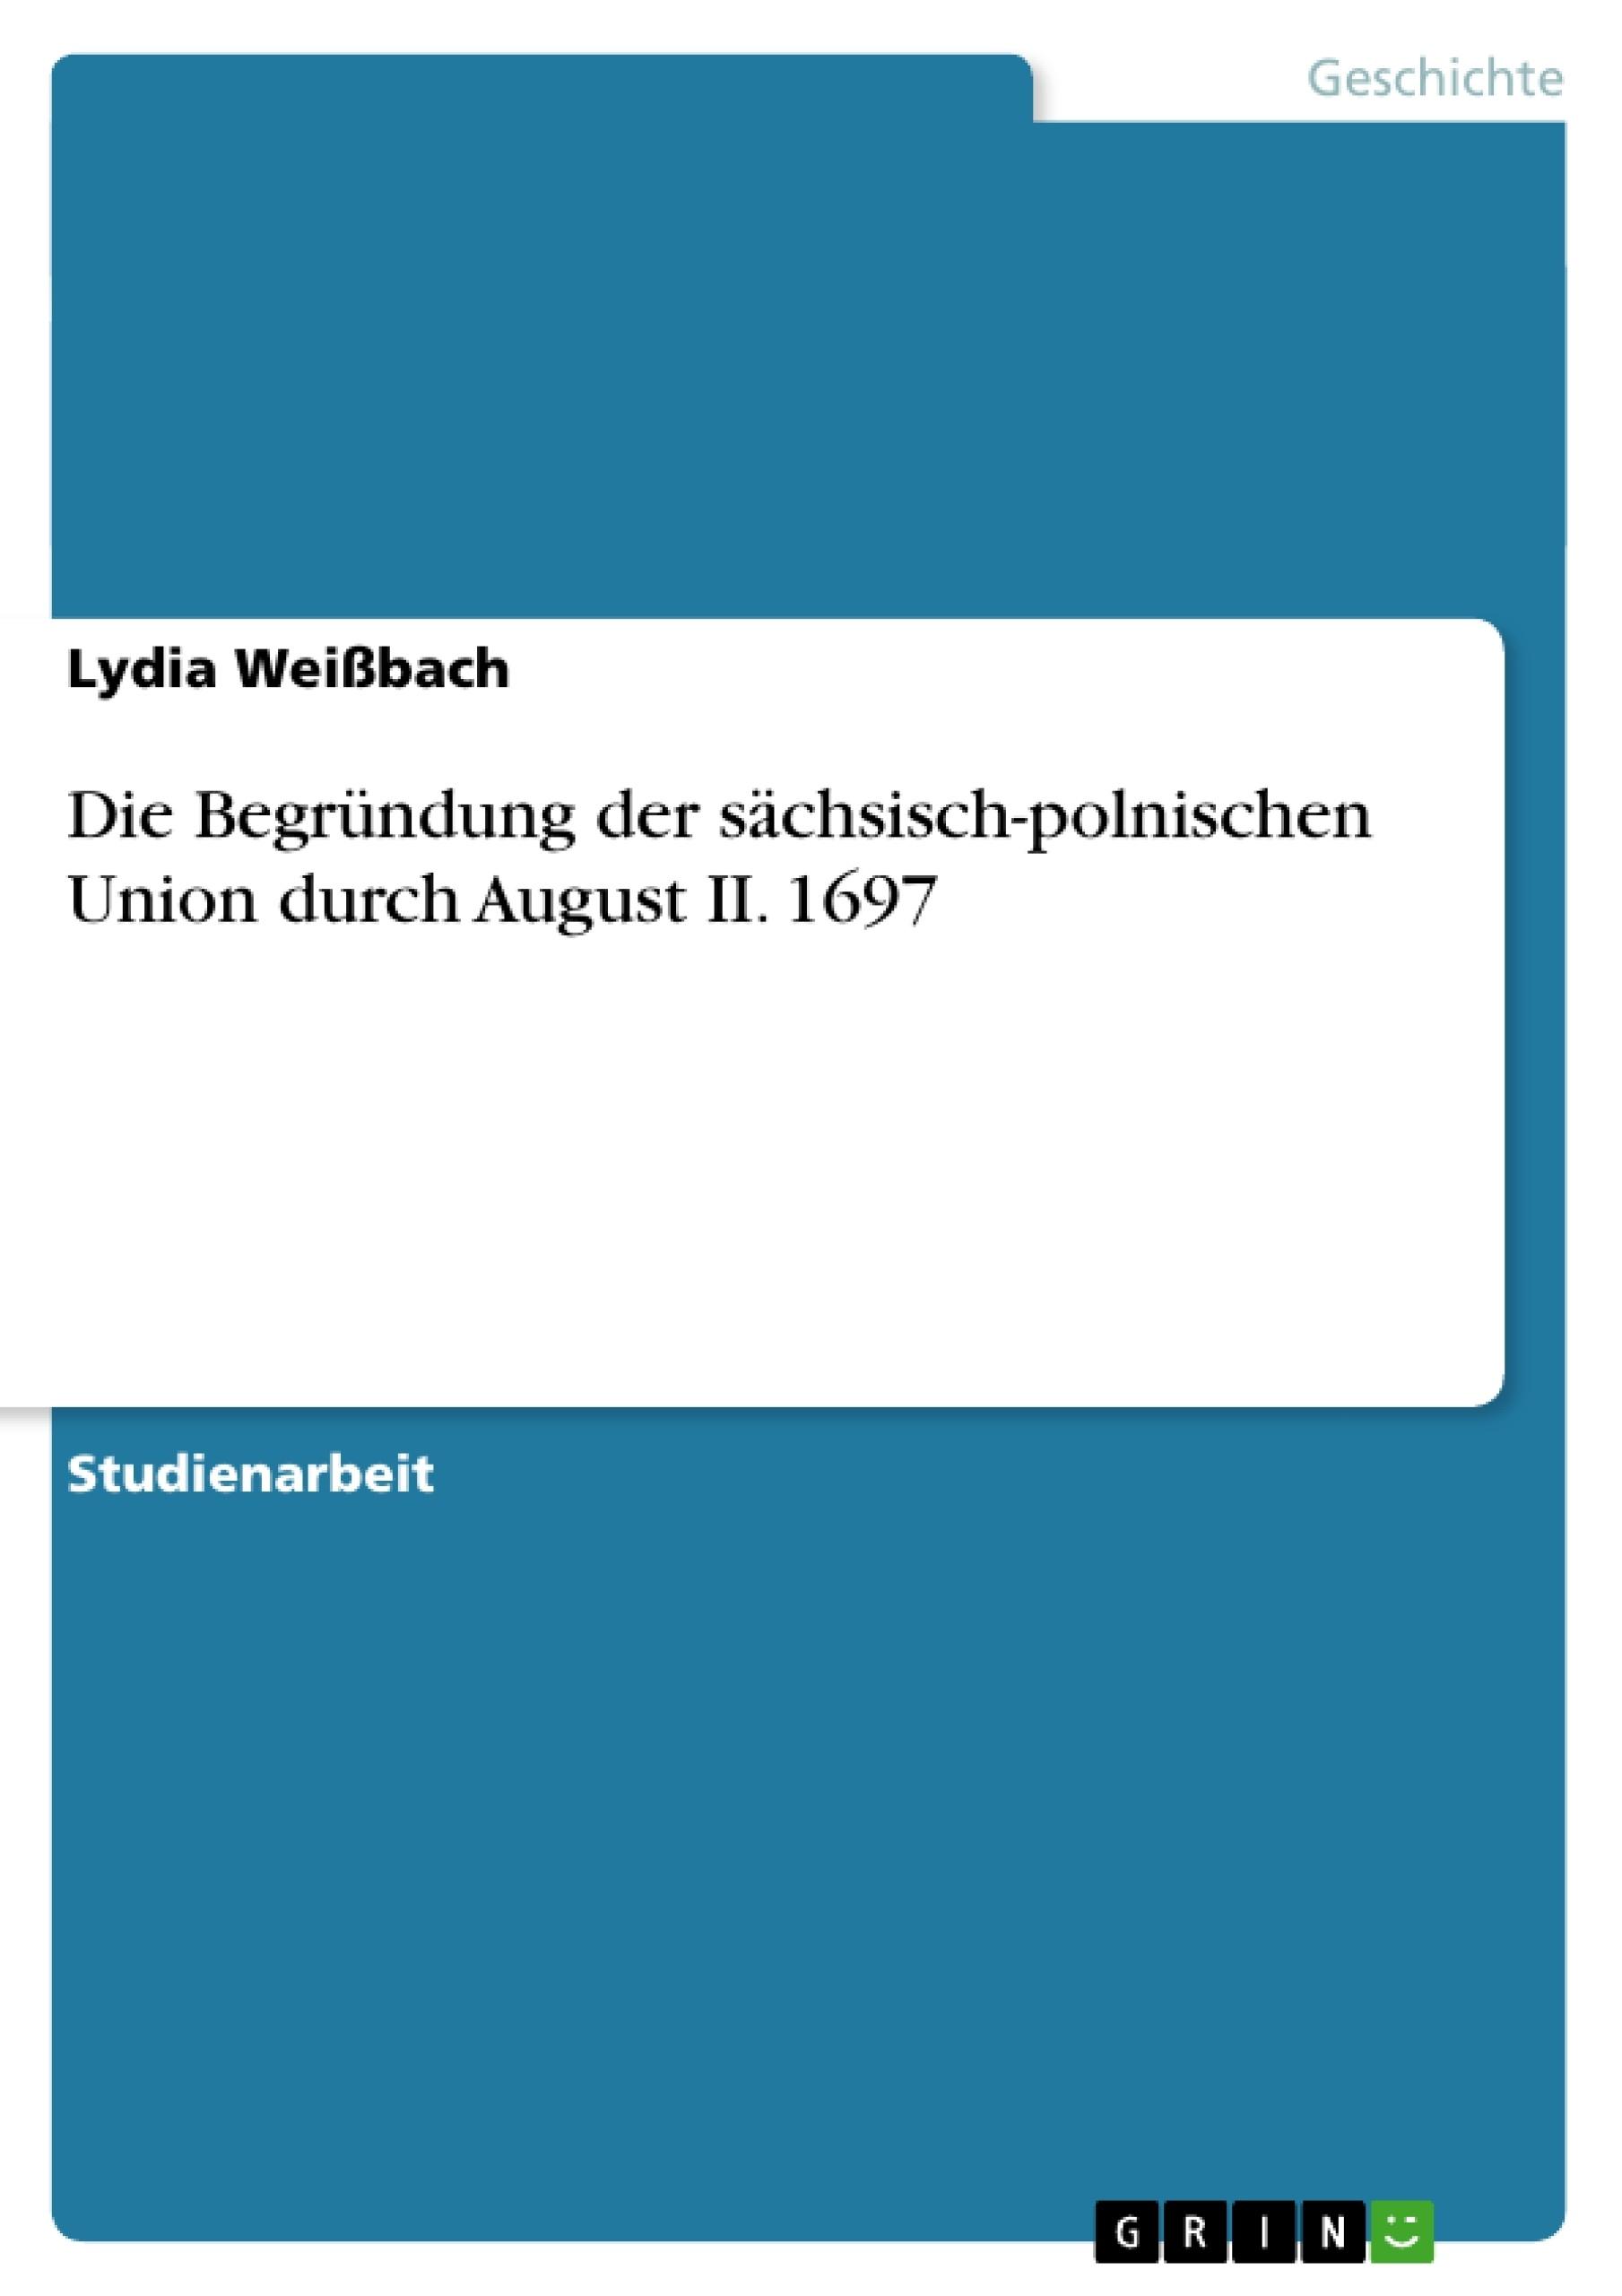 Titel: Die Begründung der sächsisch-polnischen Union durch August II. 1697